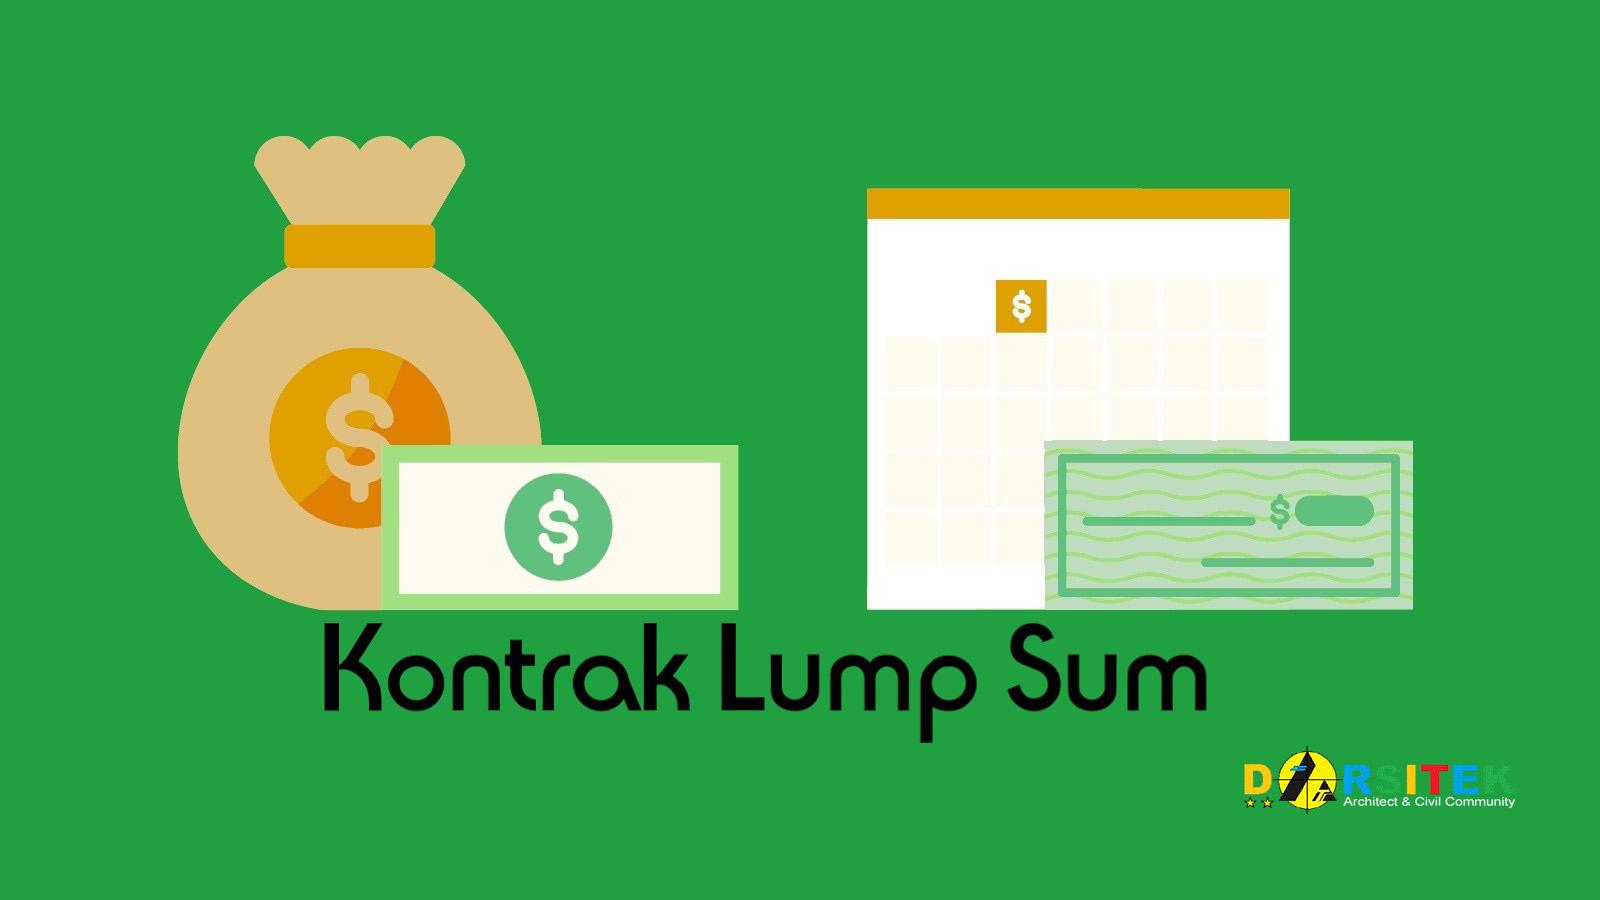 kontrak lump sum